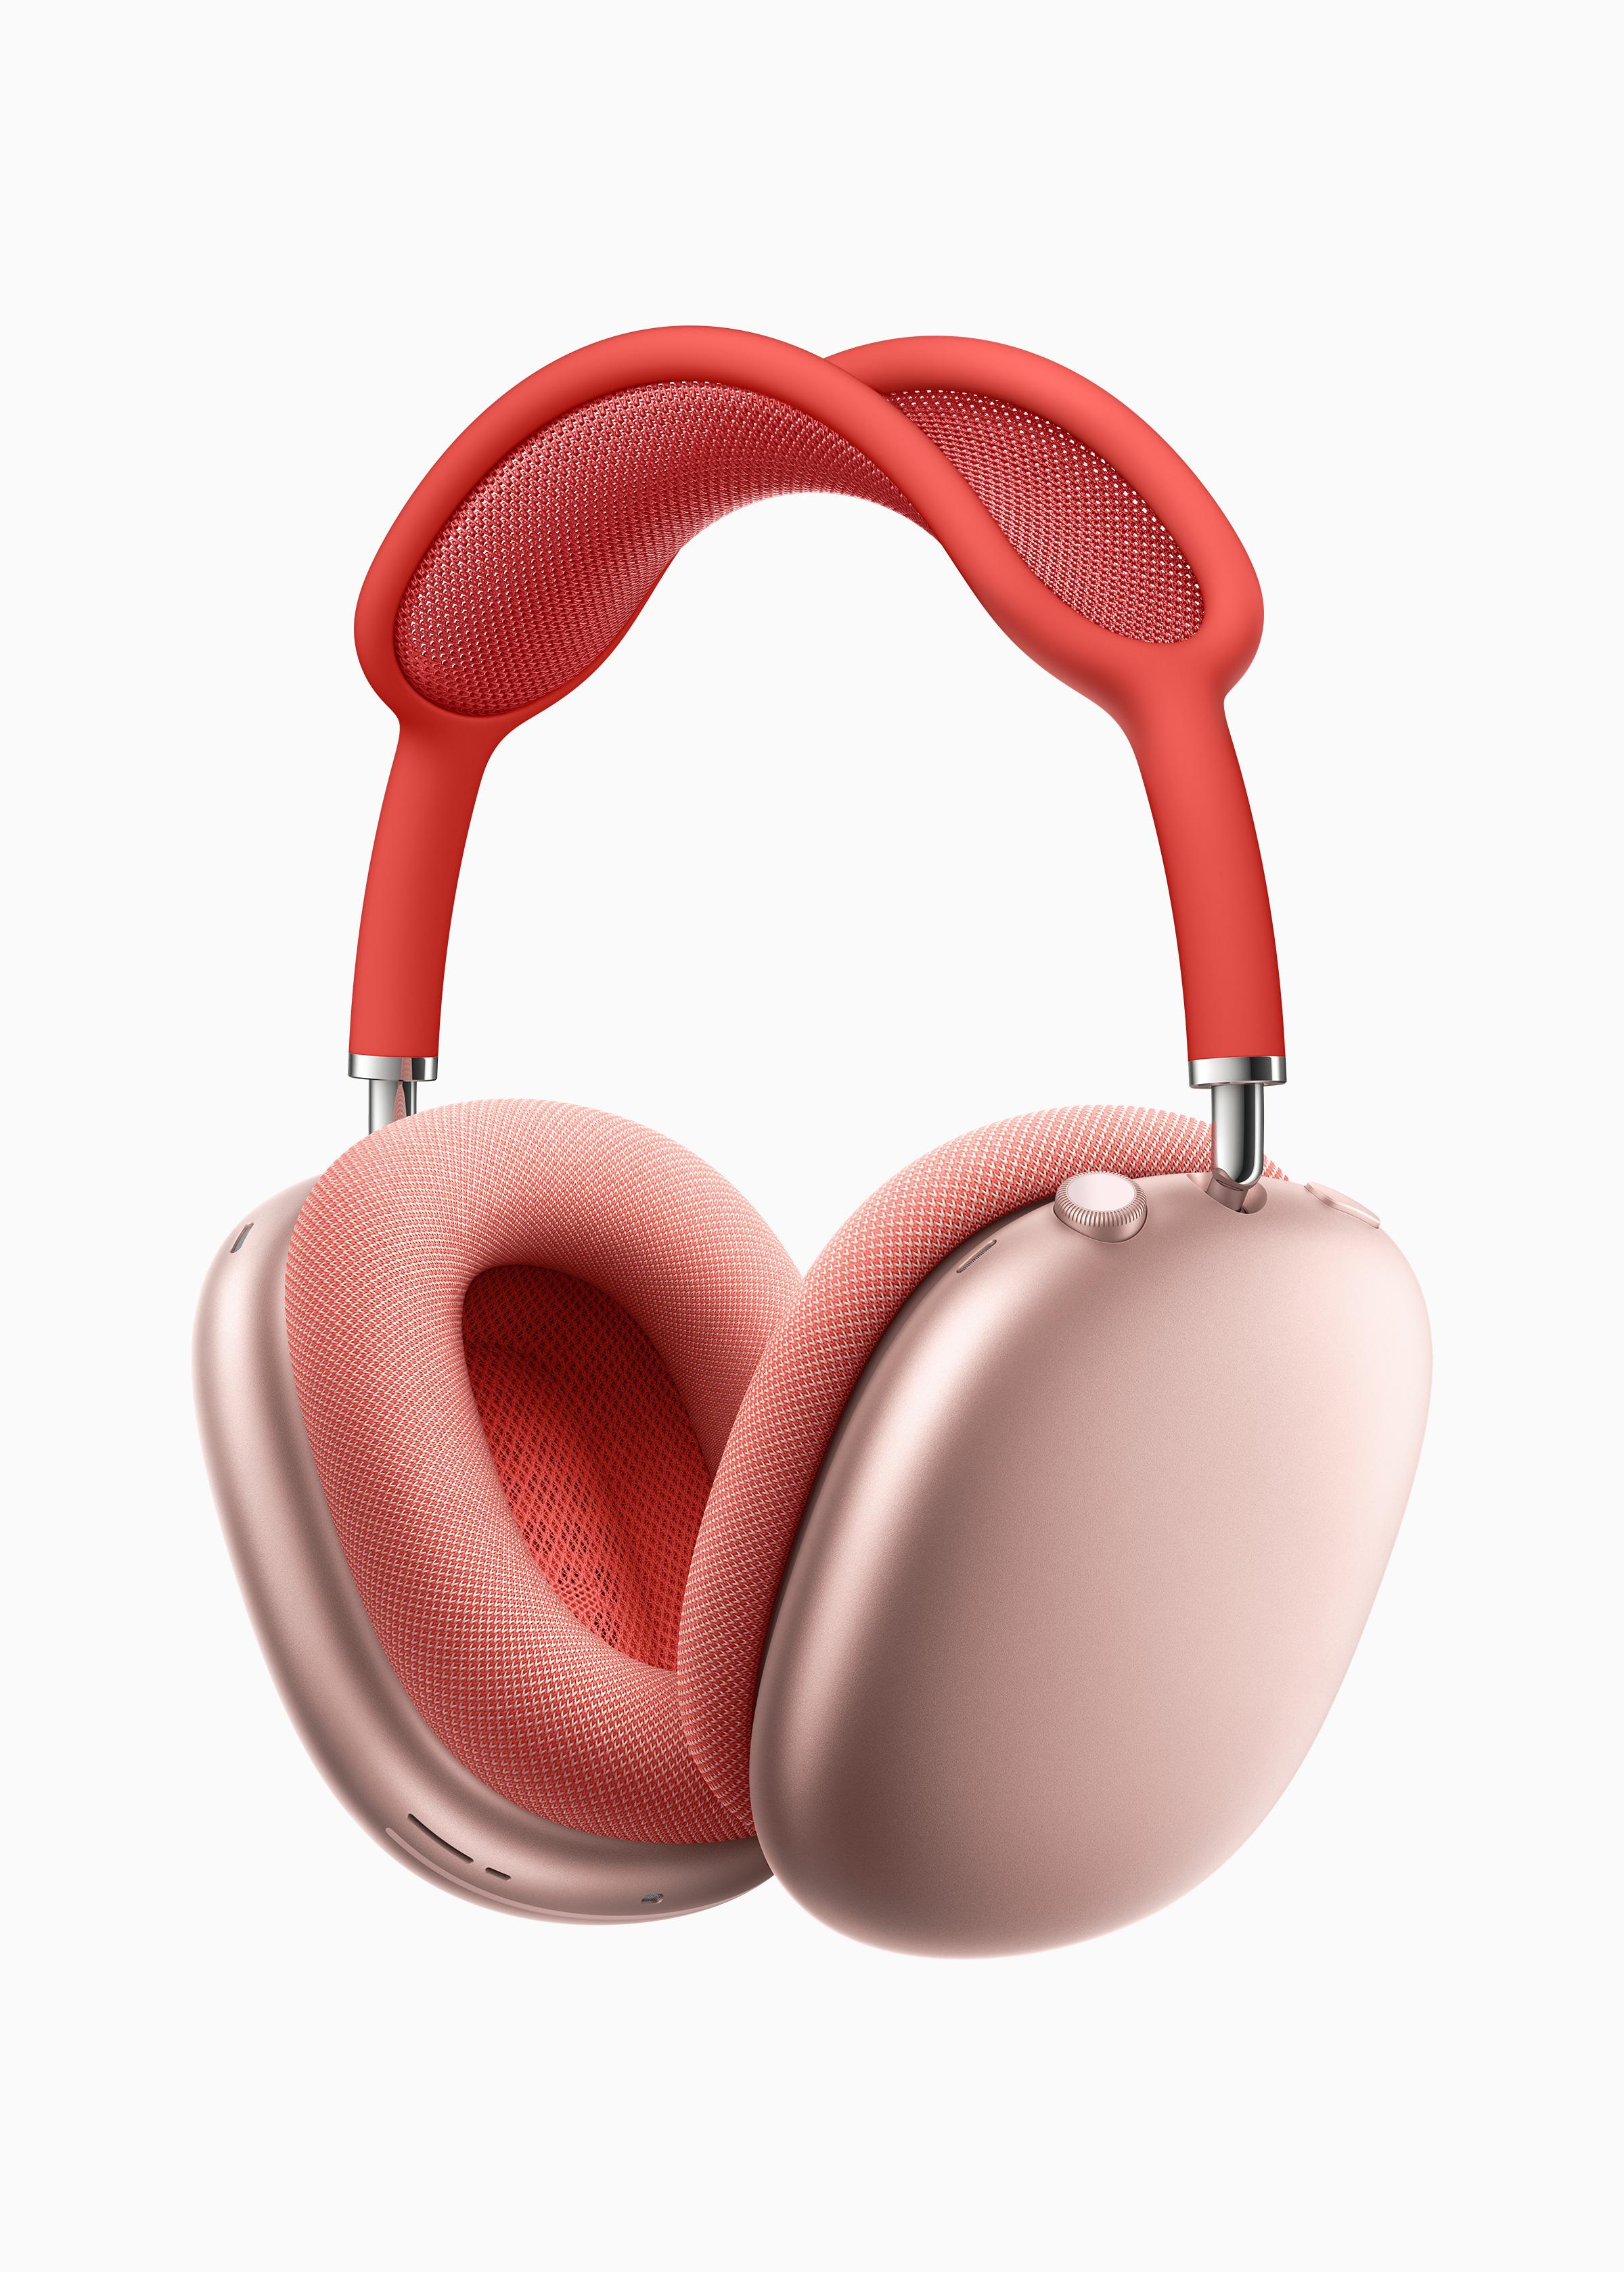 애플, 오버이어 무선헤드폰 에어팟 맥스 발표...잡음 제거, 공간 음향, 적응형 EQ 지원